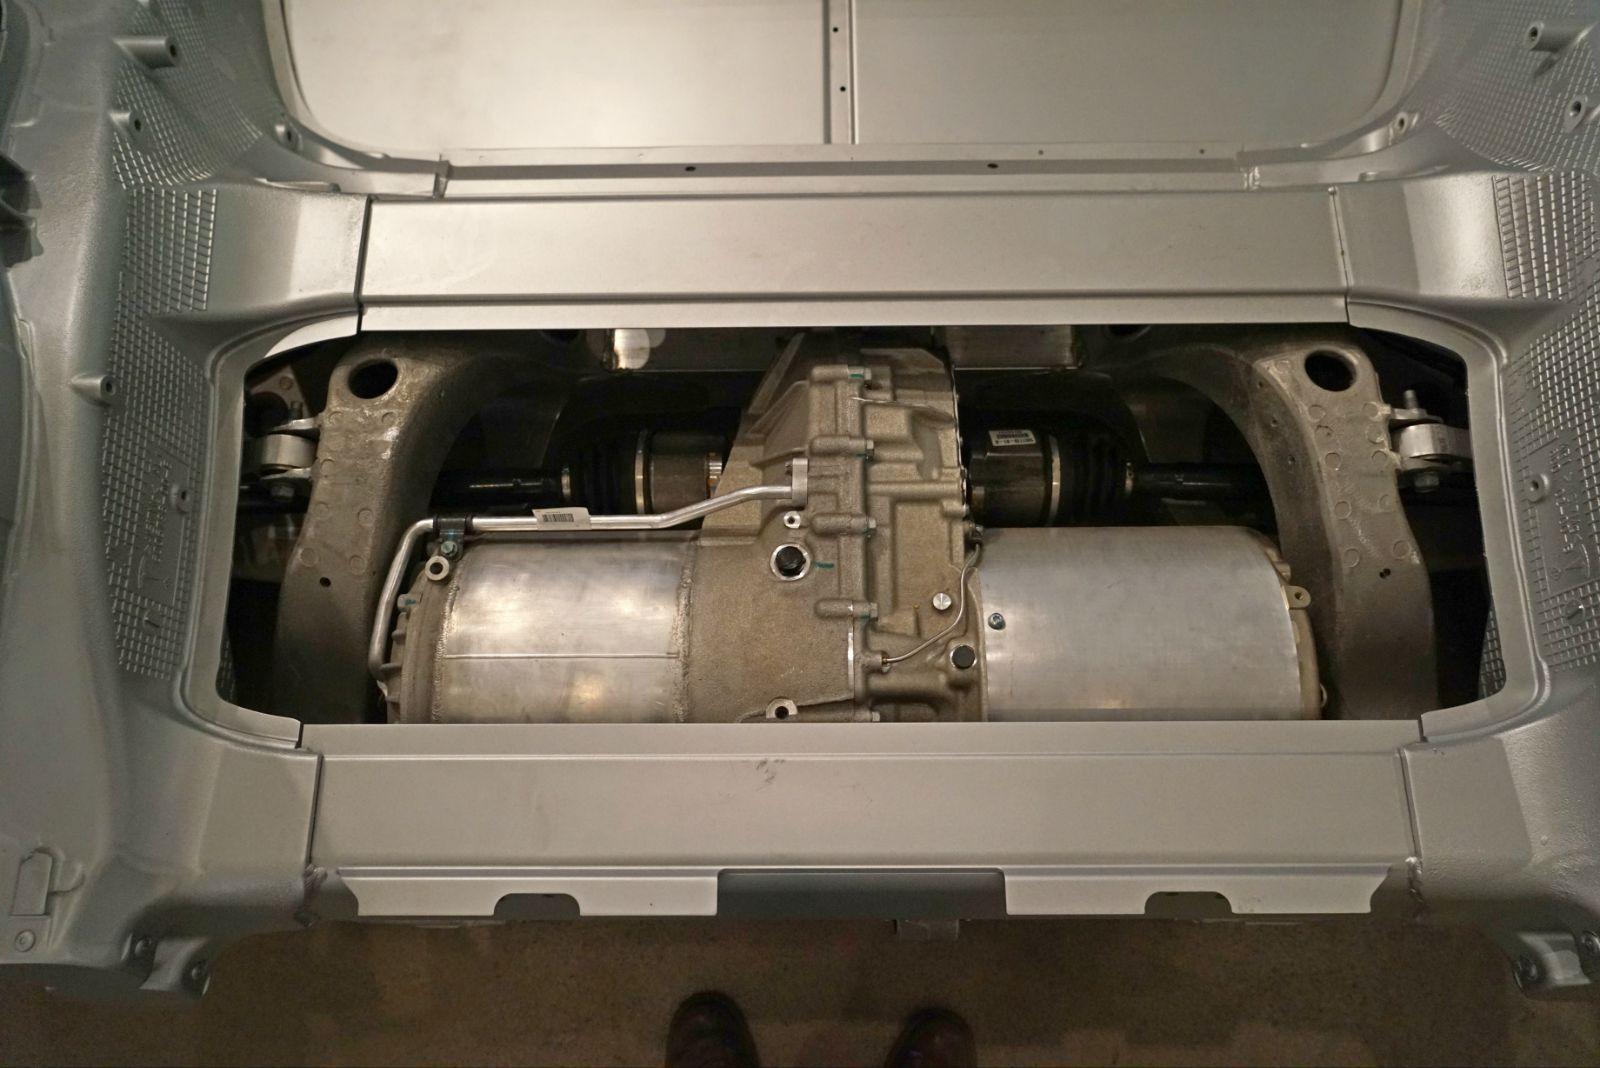 特斯拉汽车所用的交流感应电机的工作原理其实是尼古拉·特斯拉